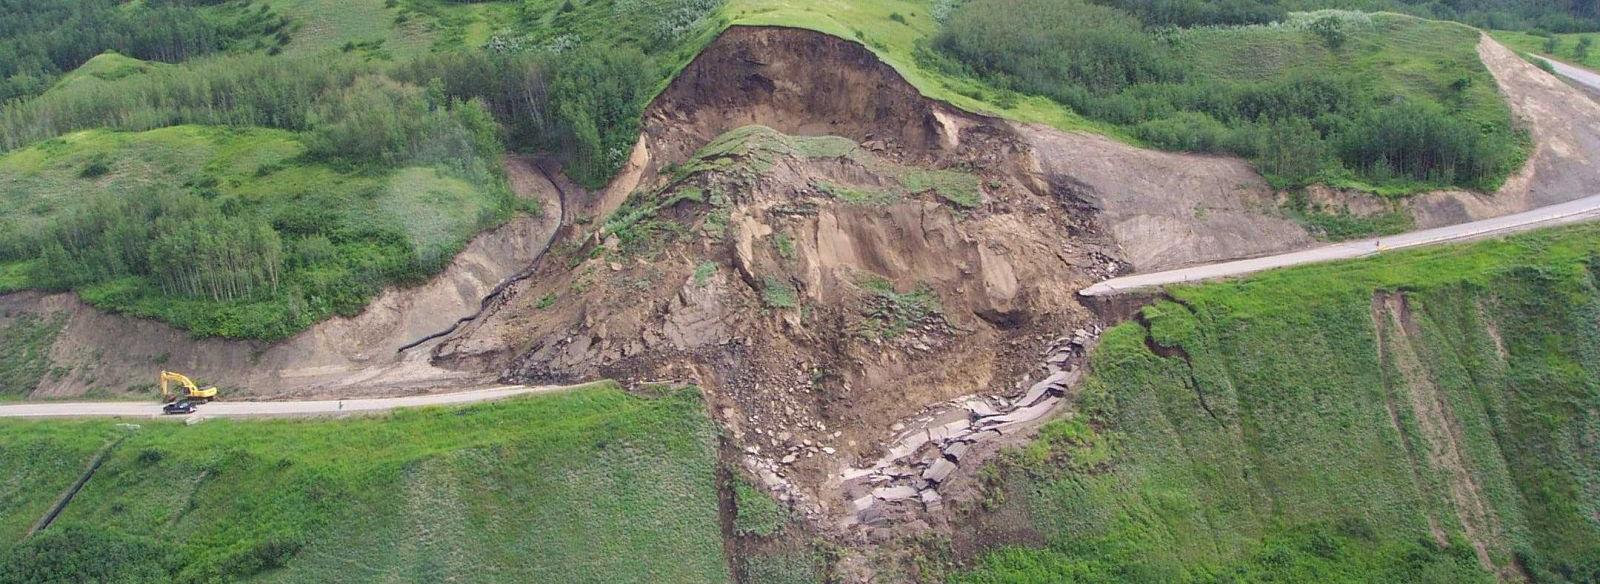 la théorie du glissement